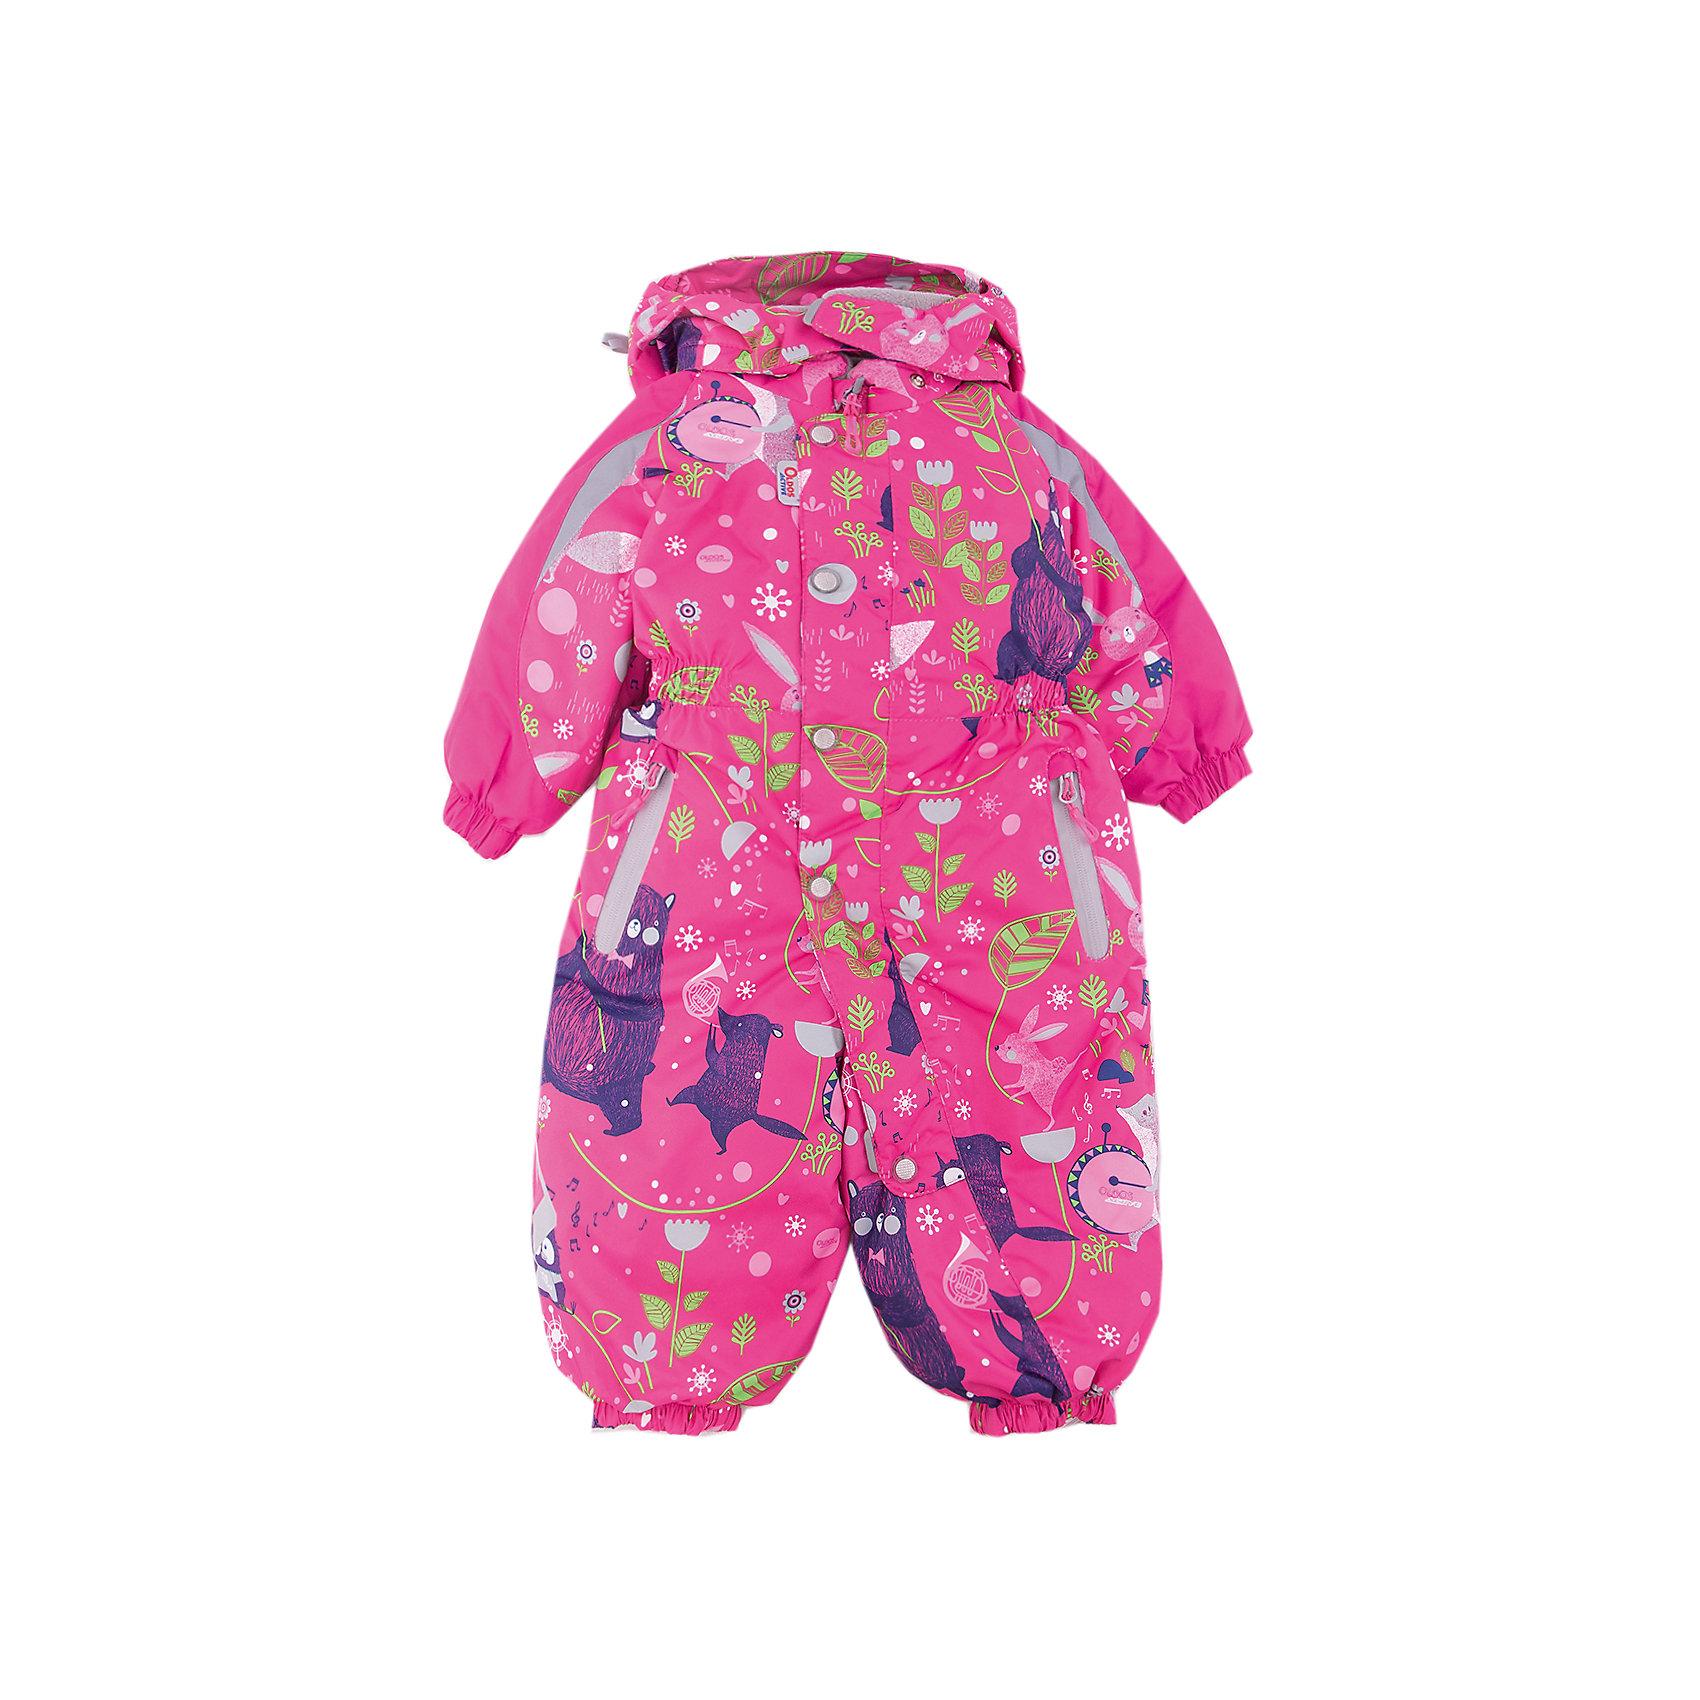 Комбинезон Джаз-Бэнд OLDOS для девочкиВерхняя одежда<br>Характеристики товара:<br><br>• цвет: фуксия<br>• состав ткани: полиэстер, Teflon<br>• подкладка: флис, гладкий полиэстер<br>• утеплитель: Hollofan pro<br>• сезон: зима<br>• мембранное покрытие<br>• температурный режим: от -30 до +5<br>• водонепроницаемость: 5000 мм <br>• паропроницаемость: 5000 г/м2<br>• плотность утеплителя: 200 г/м2<br>• застежка: молния<br>• капюшон: без меха, съемный<br>• силиконовые штрипки<br>• в комплекте флисовый комбинезон<br>• страна бренда: Россия<br>• страна изготовитель: Россия<br><br>Легкий и теплый зимний комбинезон выделяется продуманным стильным дизайном. Детский комбинезон для девочки дополнен элементами, помогающими защитить ребенка от попадания снега внутрь. Детский зимний комбинезон создан с применением мембранной технологии, поэтому рассчитан и на очень холодную погоду. В комплекте - теплый флисовый комбинезон.<br><br>Комбинезон Джаз-Бэнд Oldos (Олдос) для девочки можно купить в нашем интернет-магазине.<br><br>Ширина мм: 356<br>Глубина мм: 10<br>Высота мм: 245<br>Вес г: 519<br>Цвет: фуксия<br>Возраст от месяцев: 18<br>Возраст до месяцев: 24<br>Пол: Женский<br>Возраст: Детский<br>Размер: 92,80,86<br>SKU: 7015792